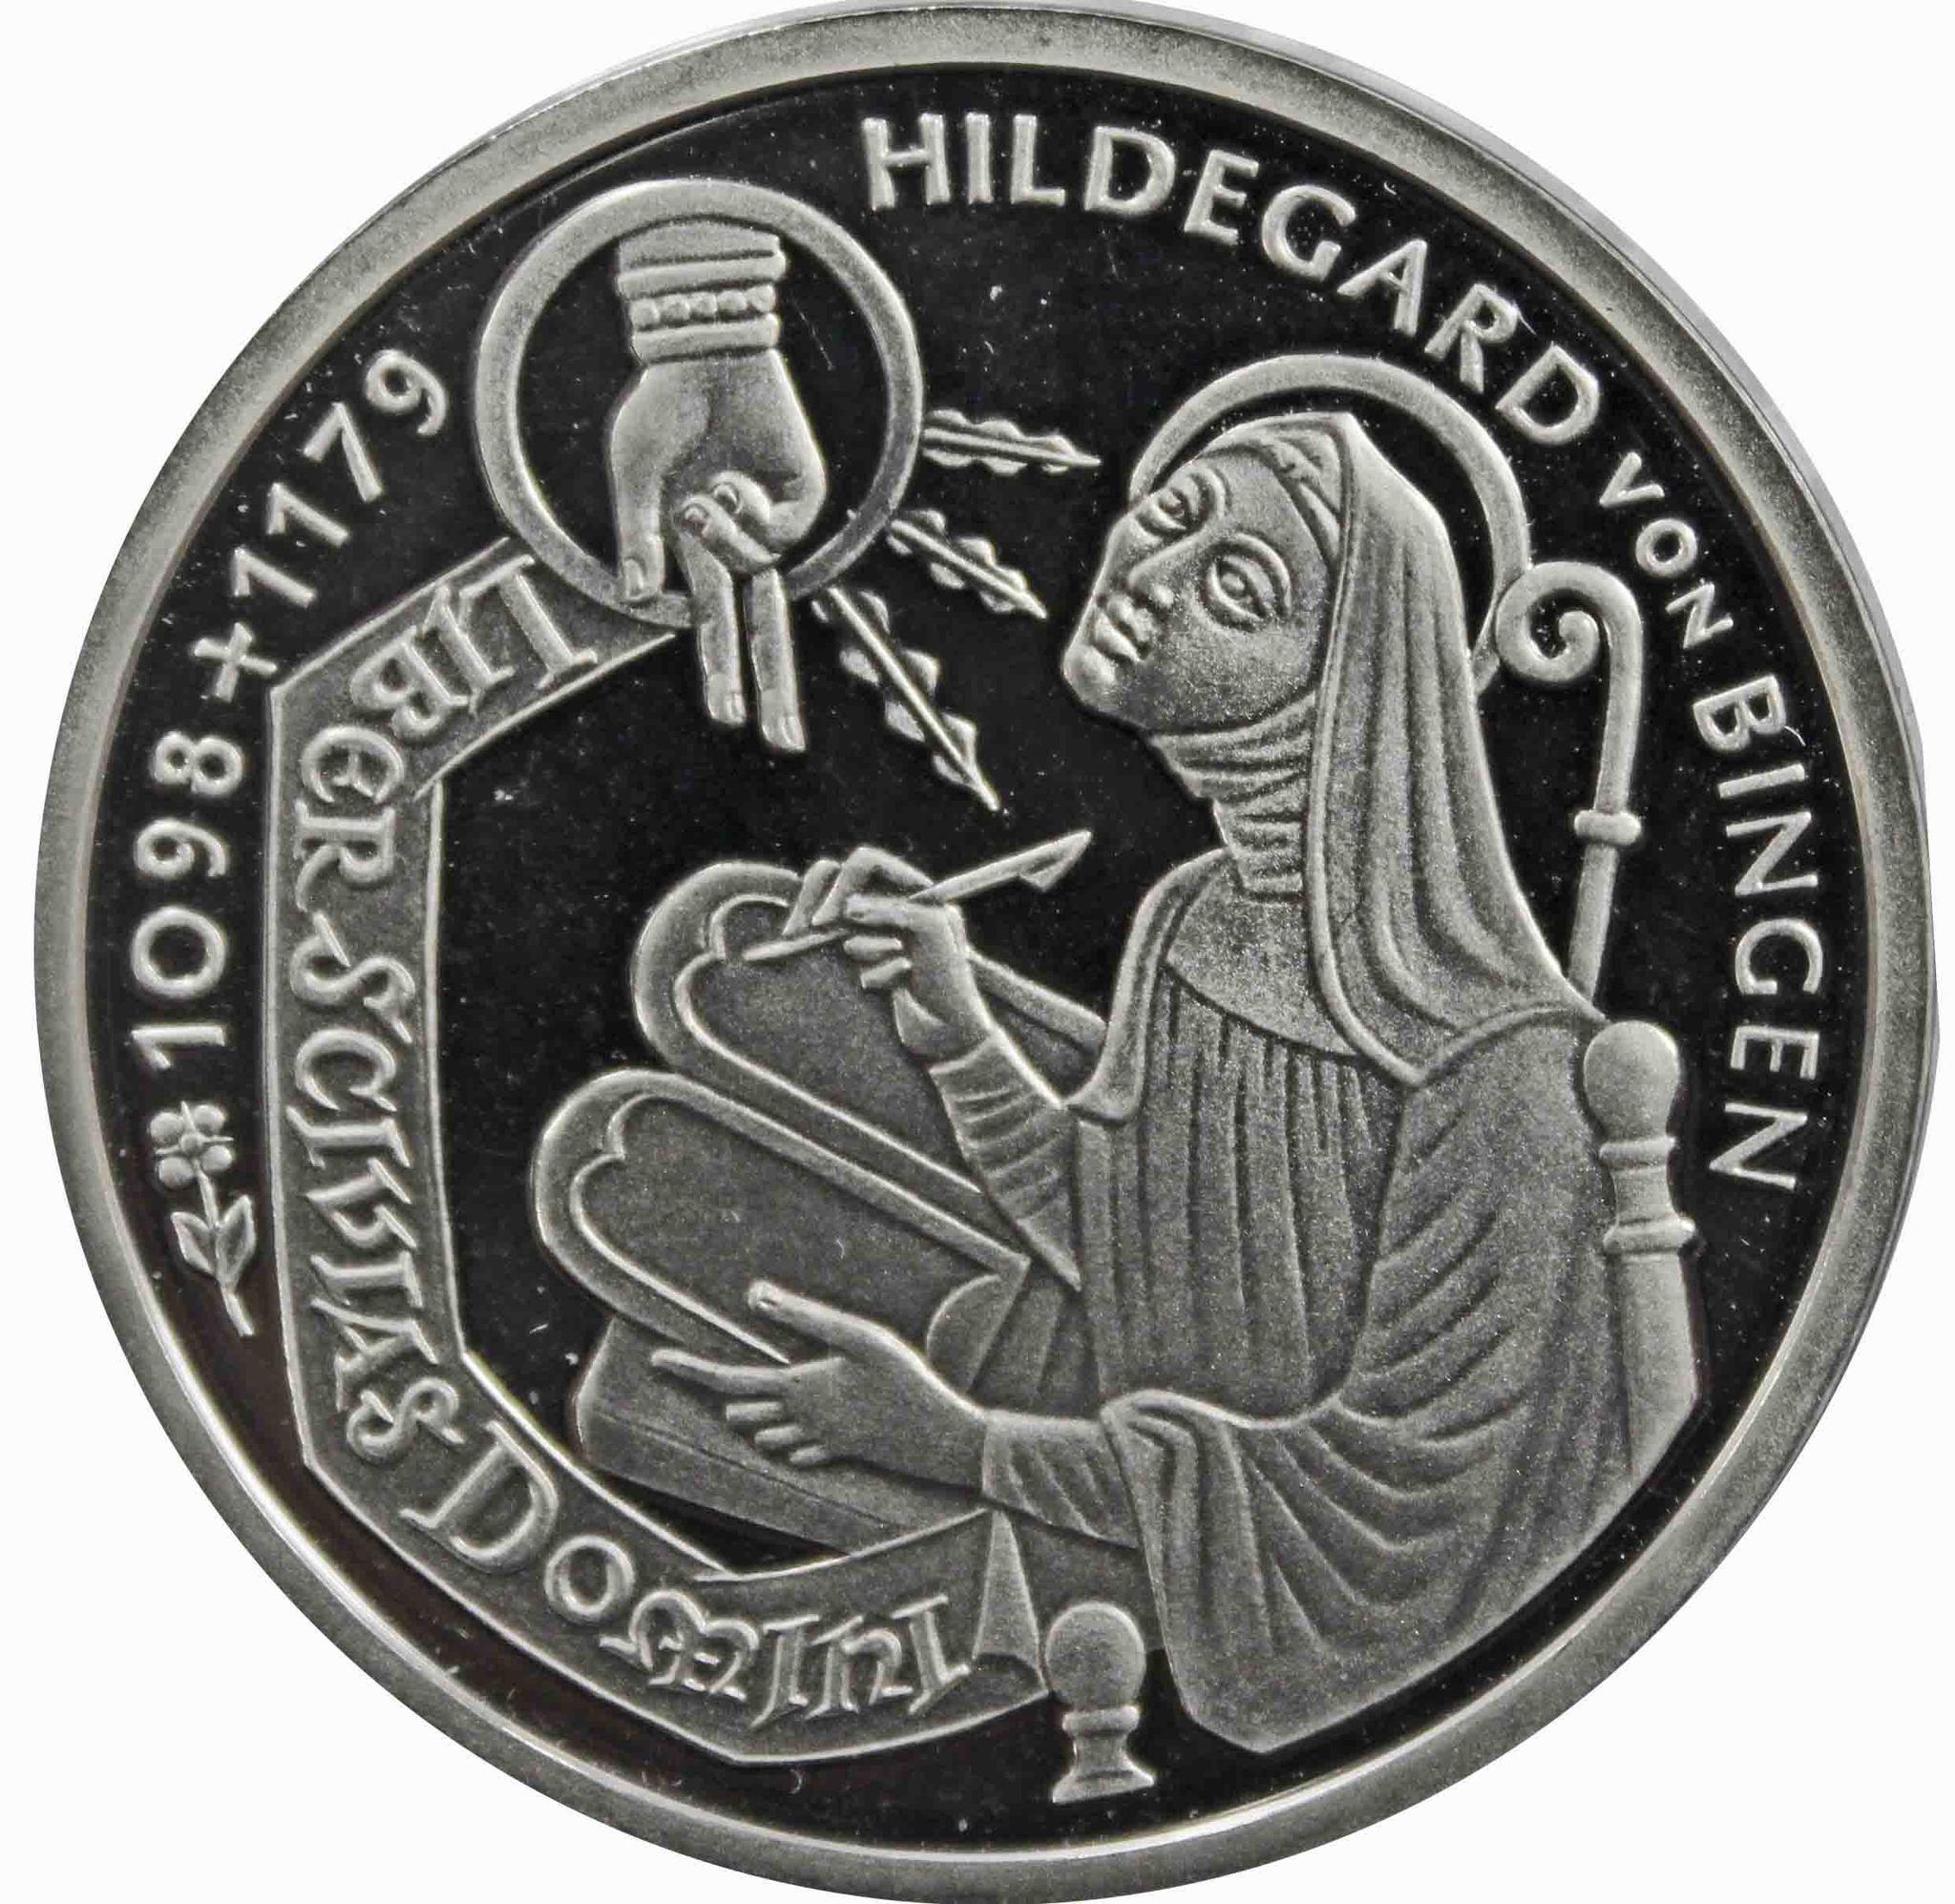 10 марок. 900 лет со дня рождения Хильдегард из Бингена (А) Серебро. 1998 г. PROOF. В родной запайке